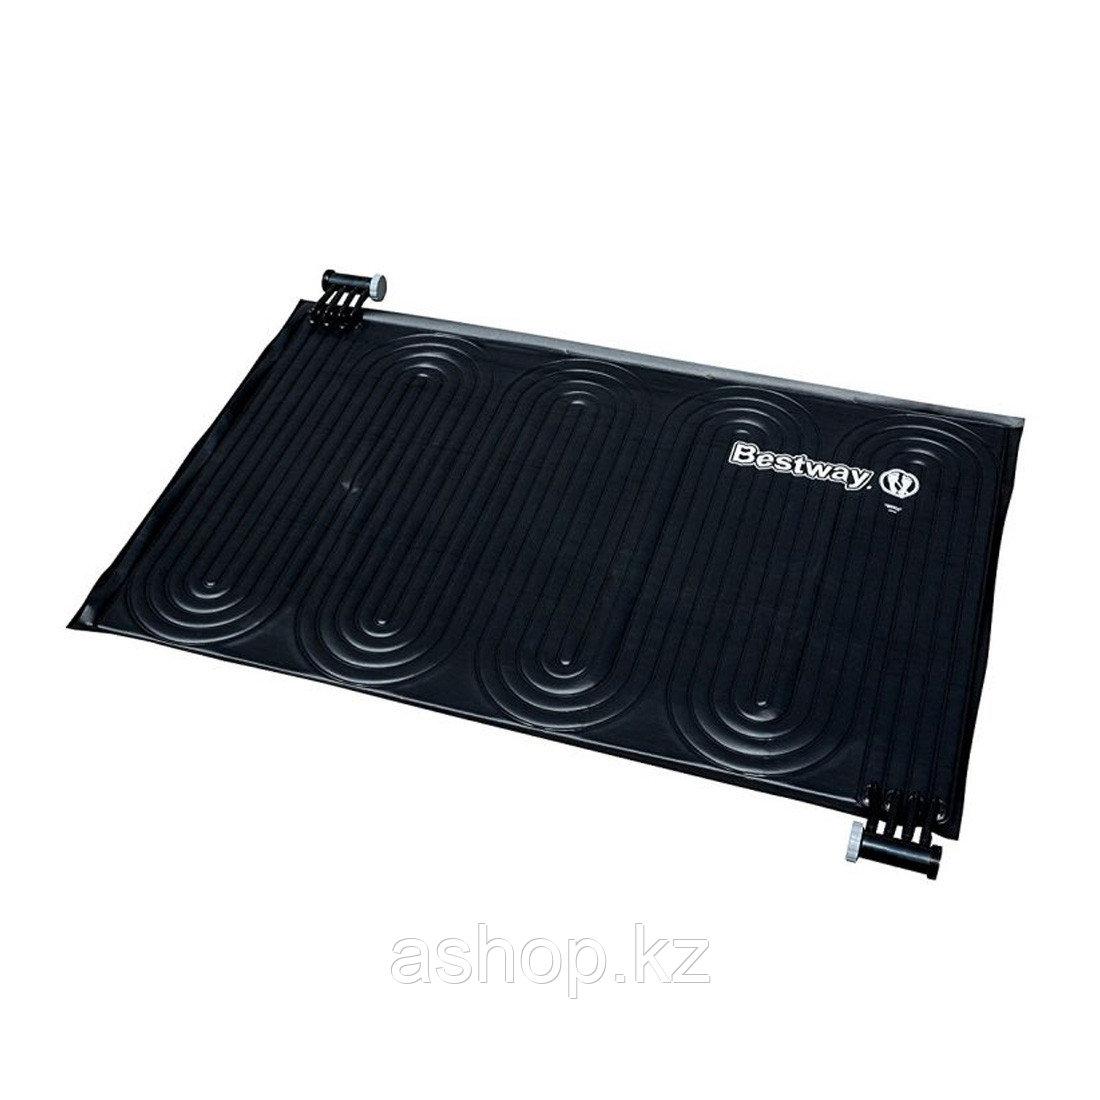 Проточный водонагреватель Bestway 58423,,, Винил, Цвет: Чёрный